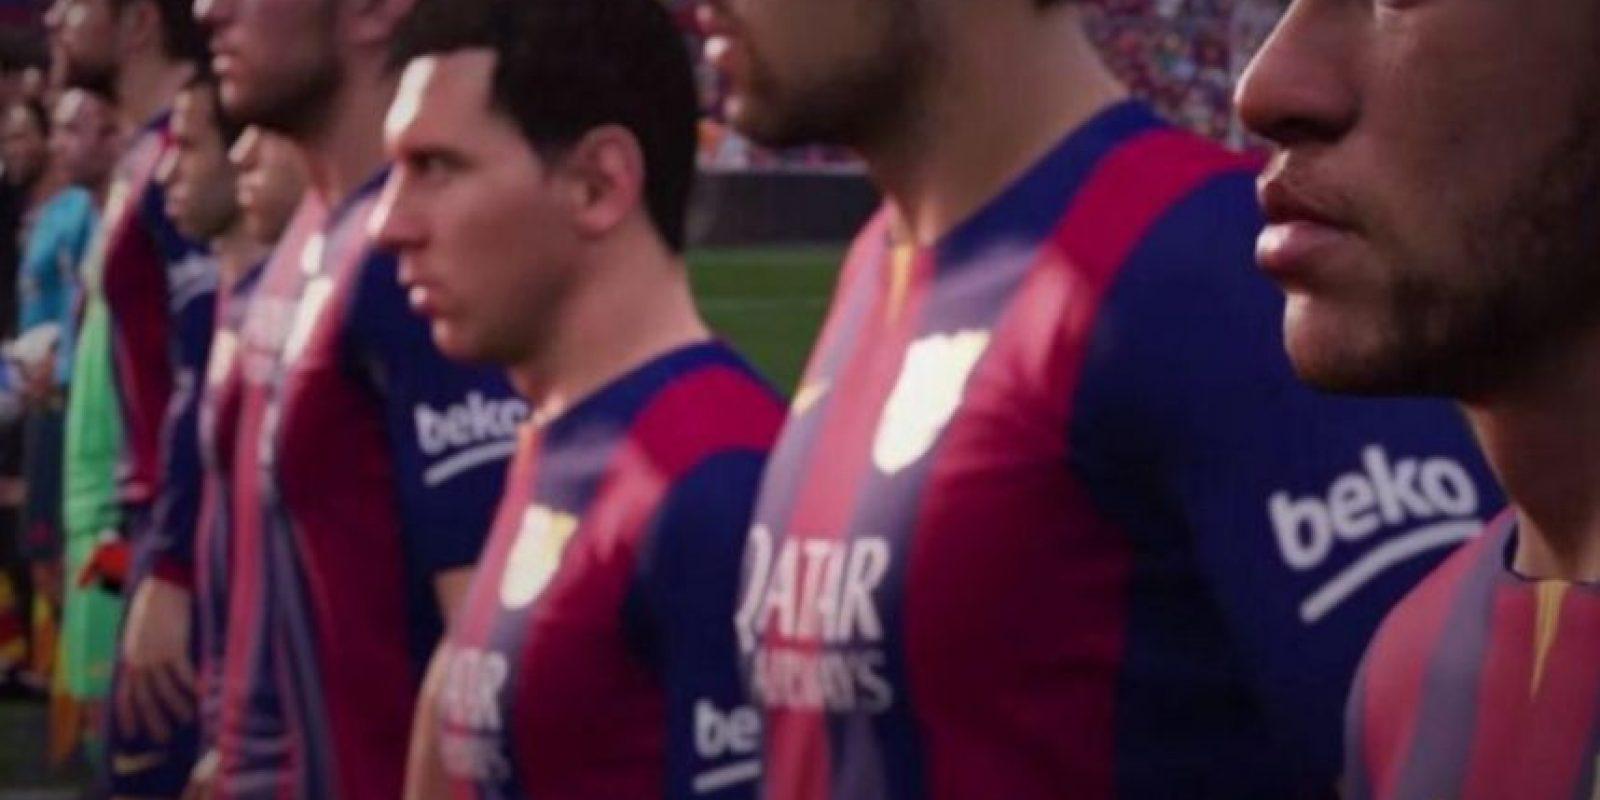 Como Messi en su mejor momento, pueden pasar el balón y crearse espacios para burlar a la defensa y recibir el esférico para anotar el gol de la victoria. Foto:EA Sports